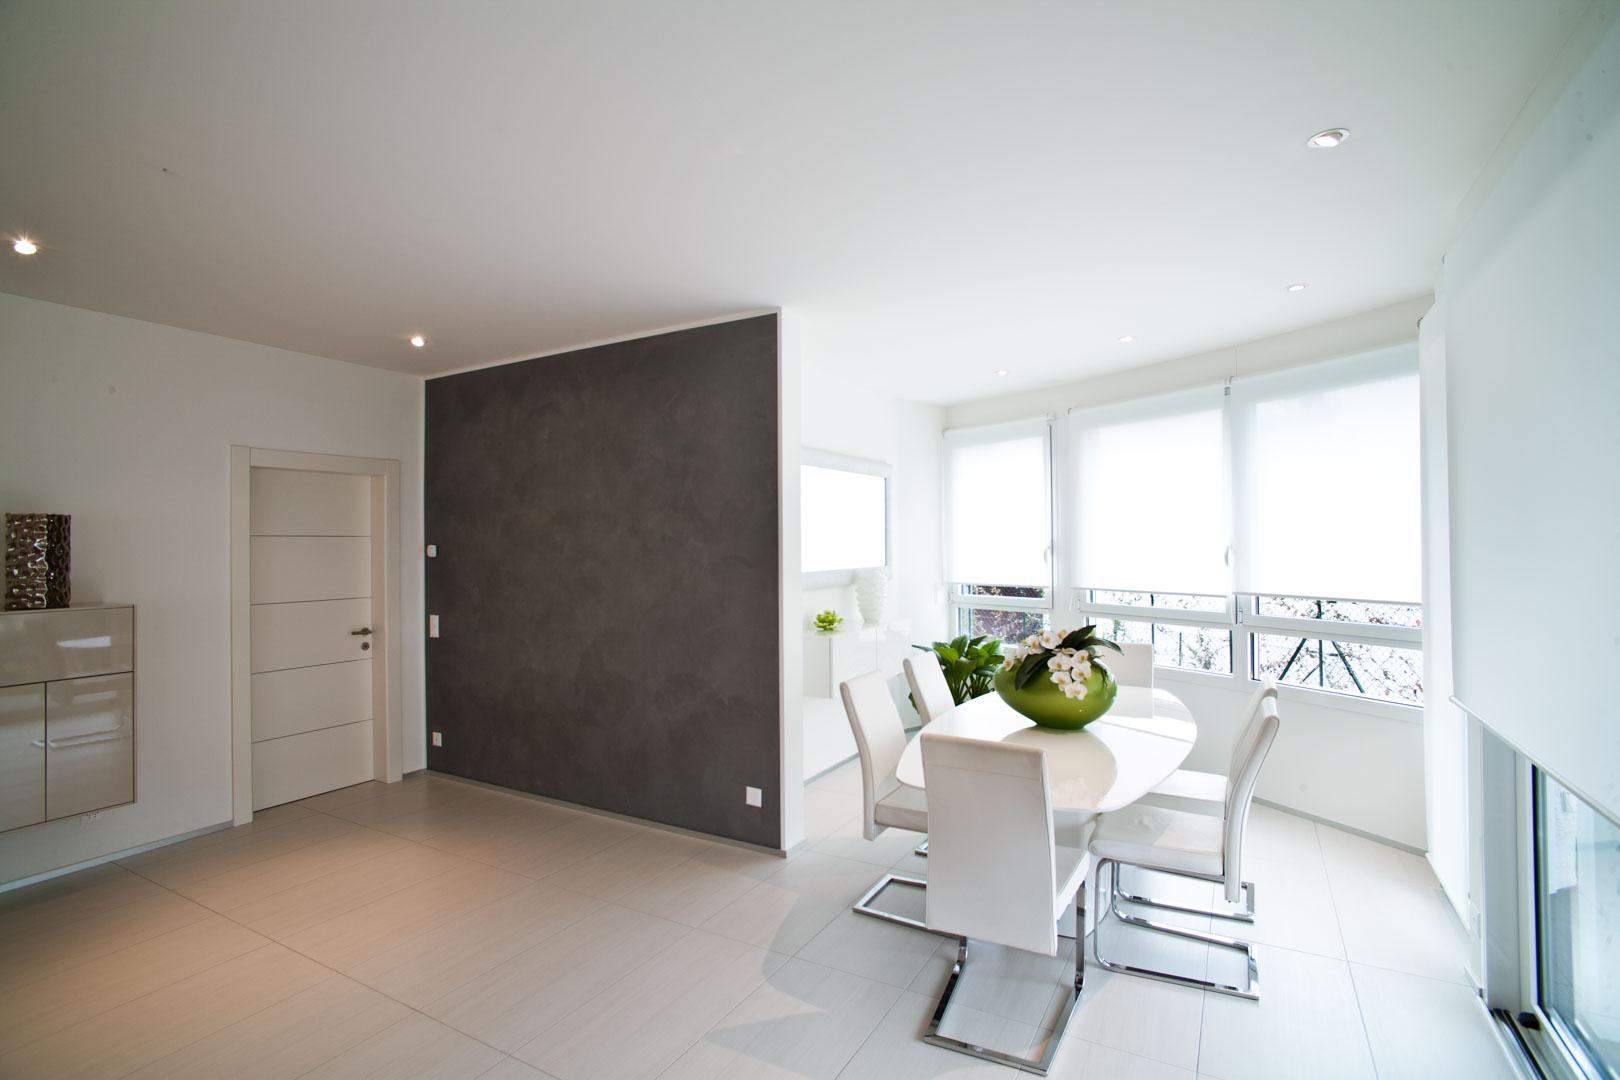 New line servizio fotografico di interni arredamento e for Designer d interni